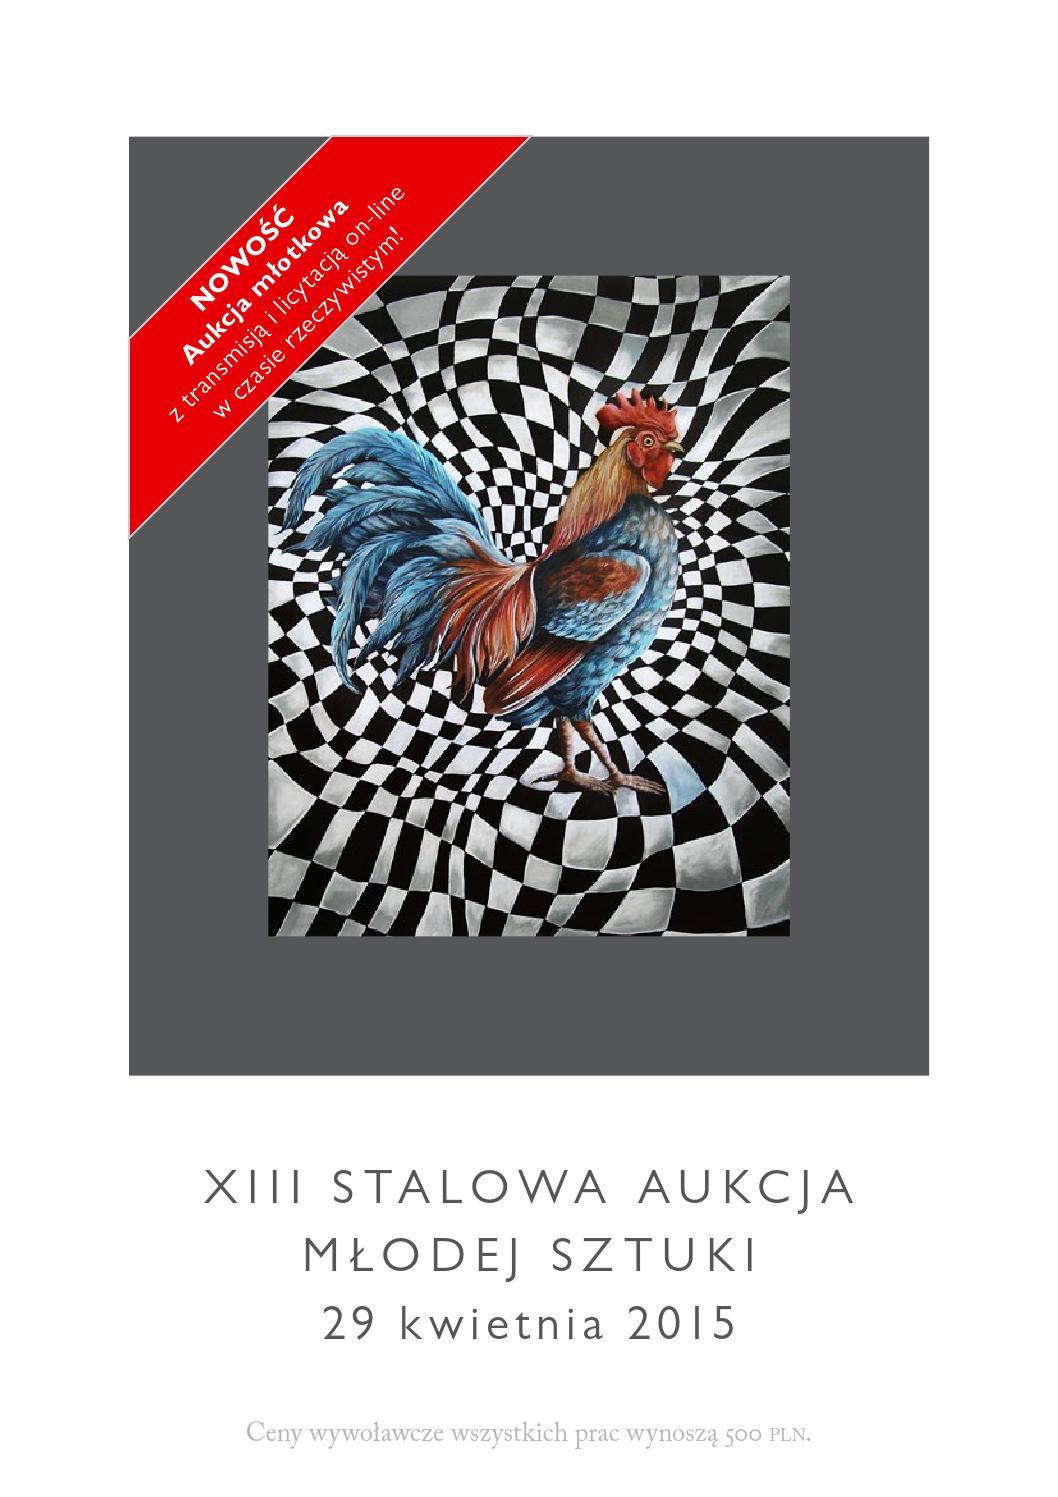 Pe - Uniwersytet im. Adama Mickiewicza w Poznaniu